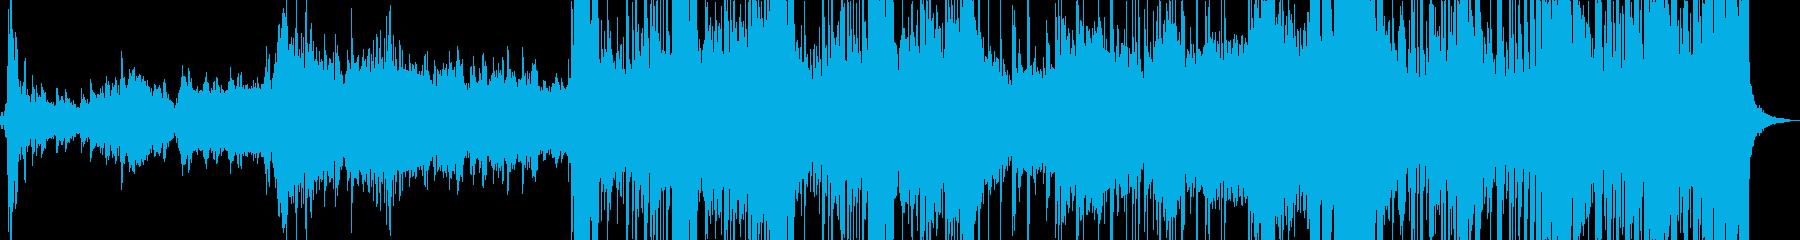 テクノフィールの近未来的無機質サウンドの再生済みの波形